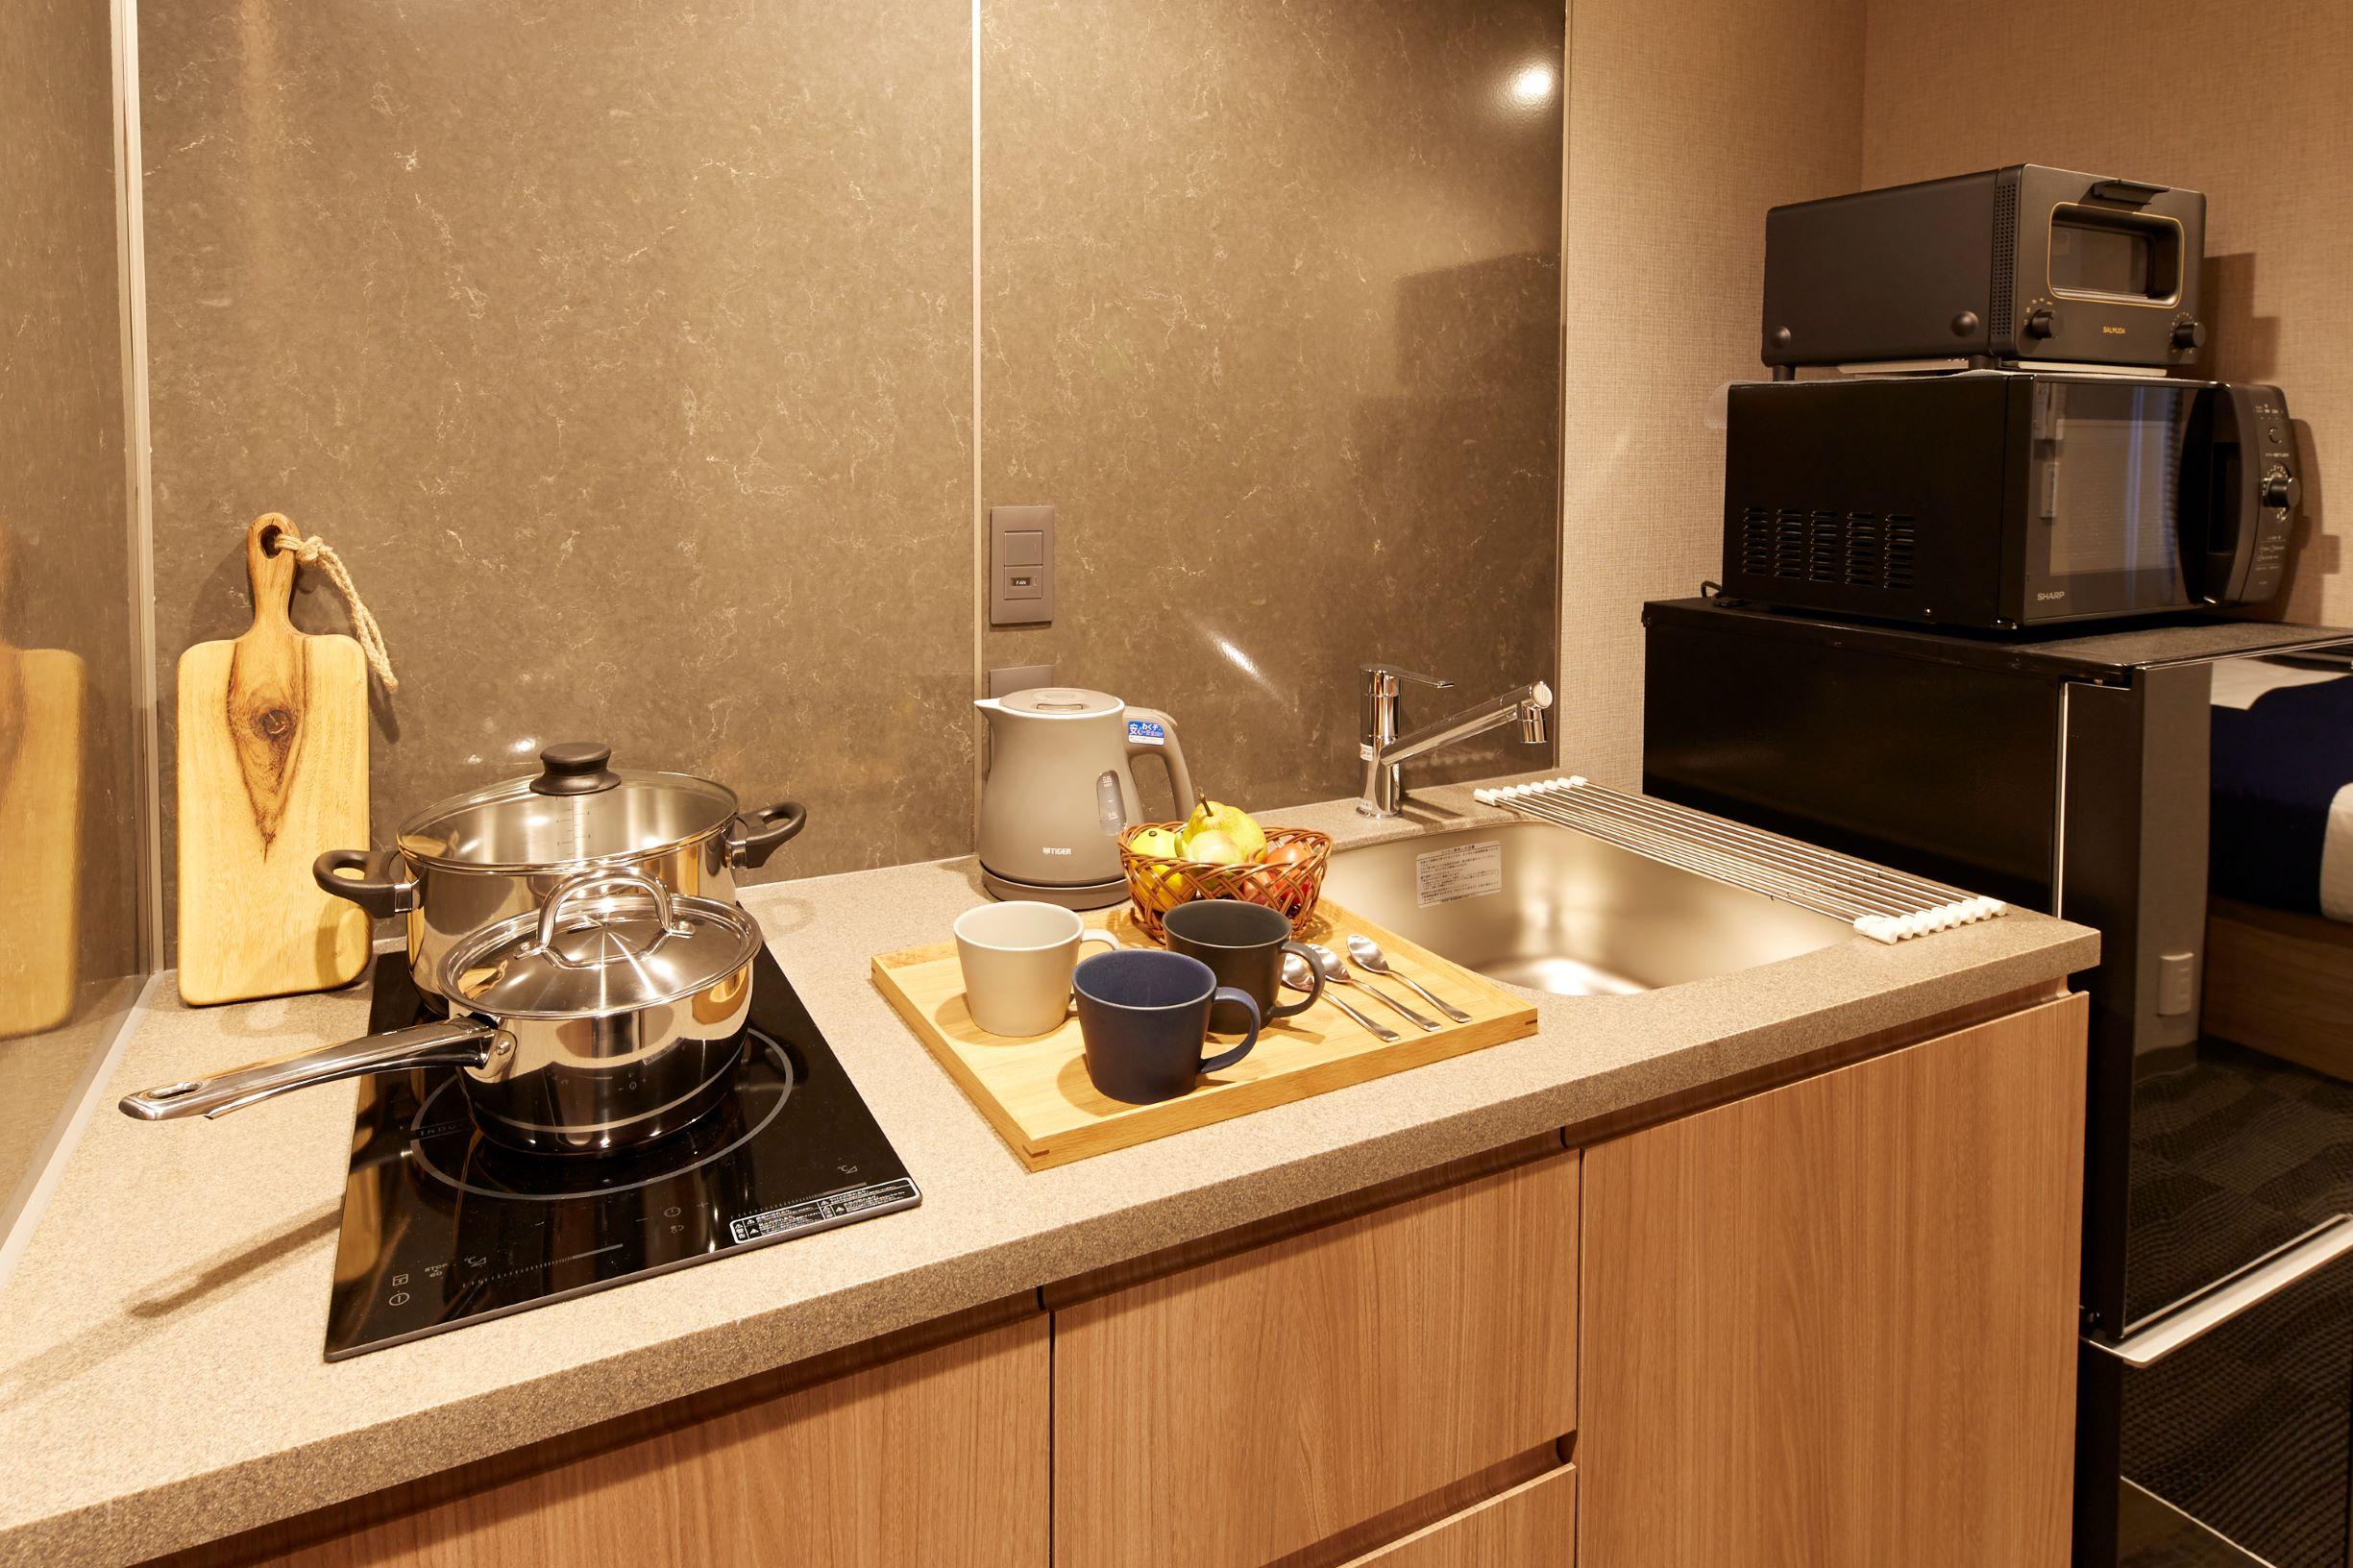 調理器具も充実 バルミューダのトースターを各部屋に完備